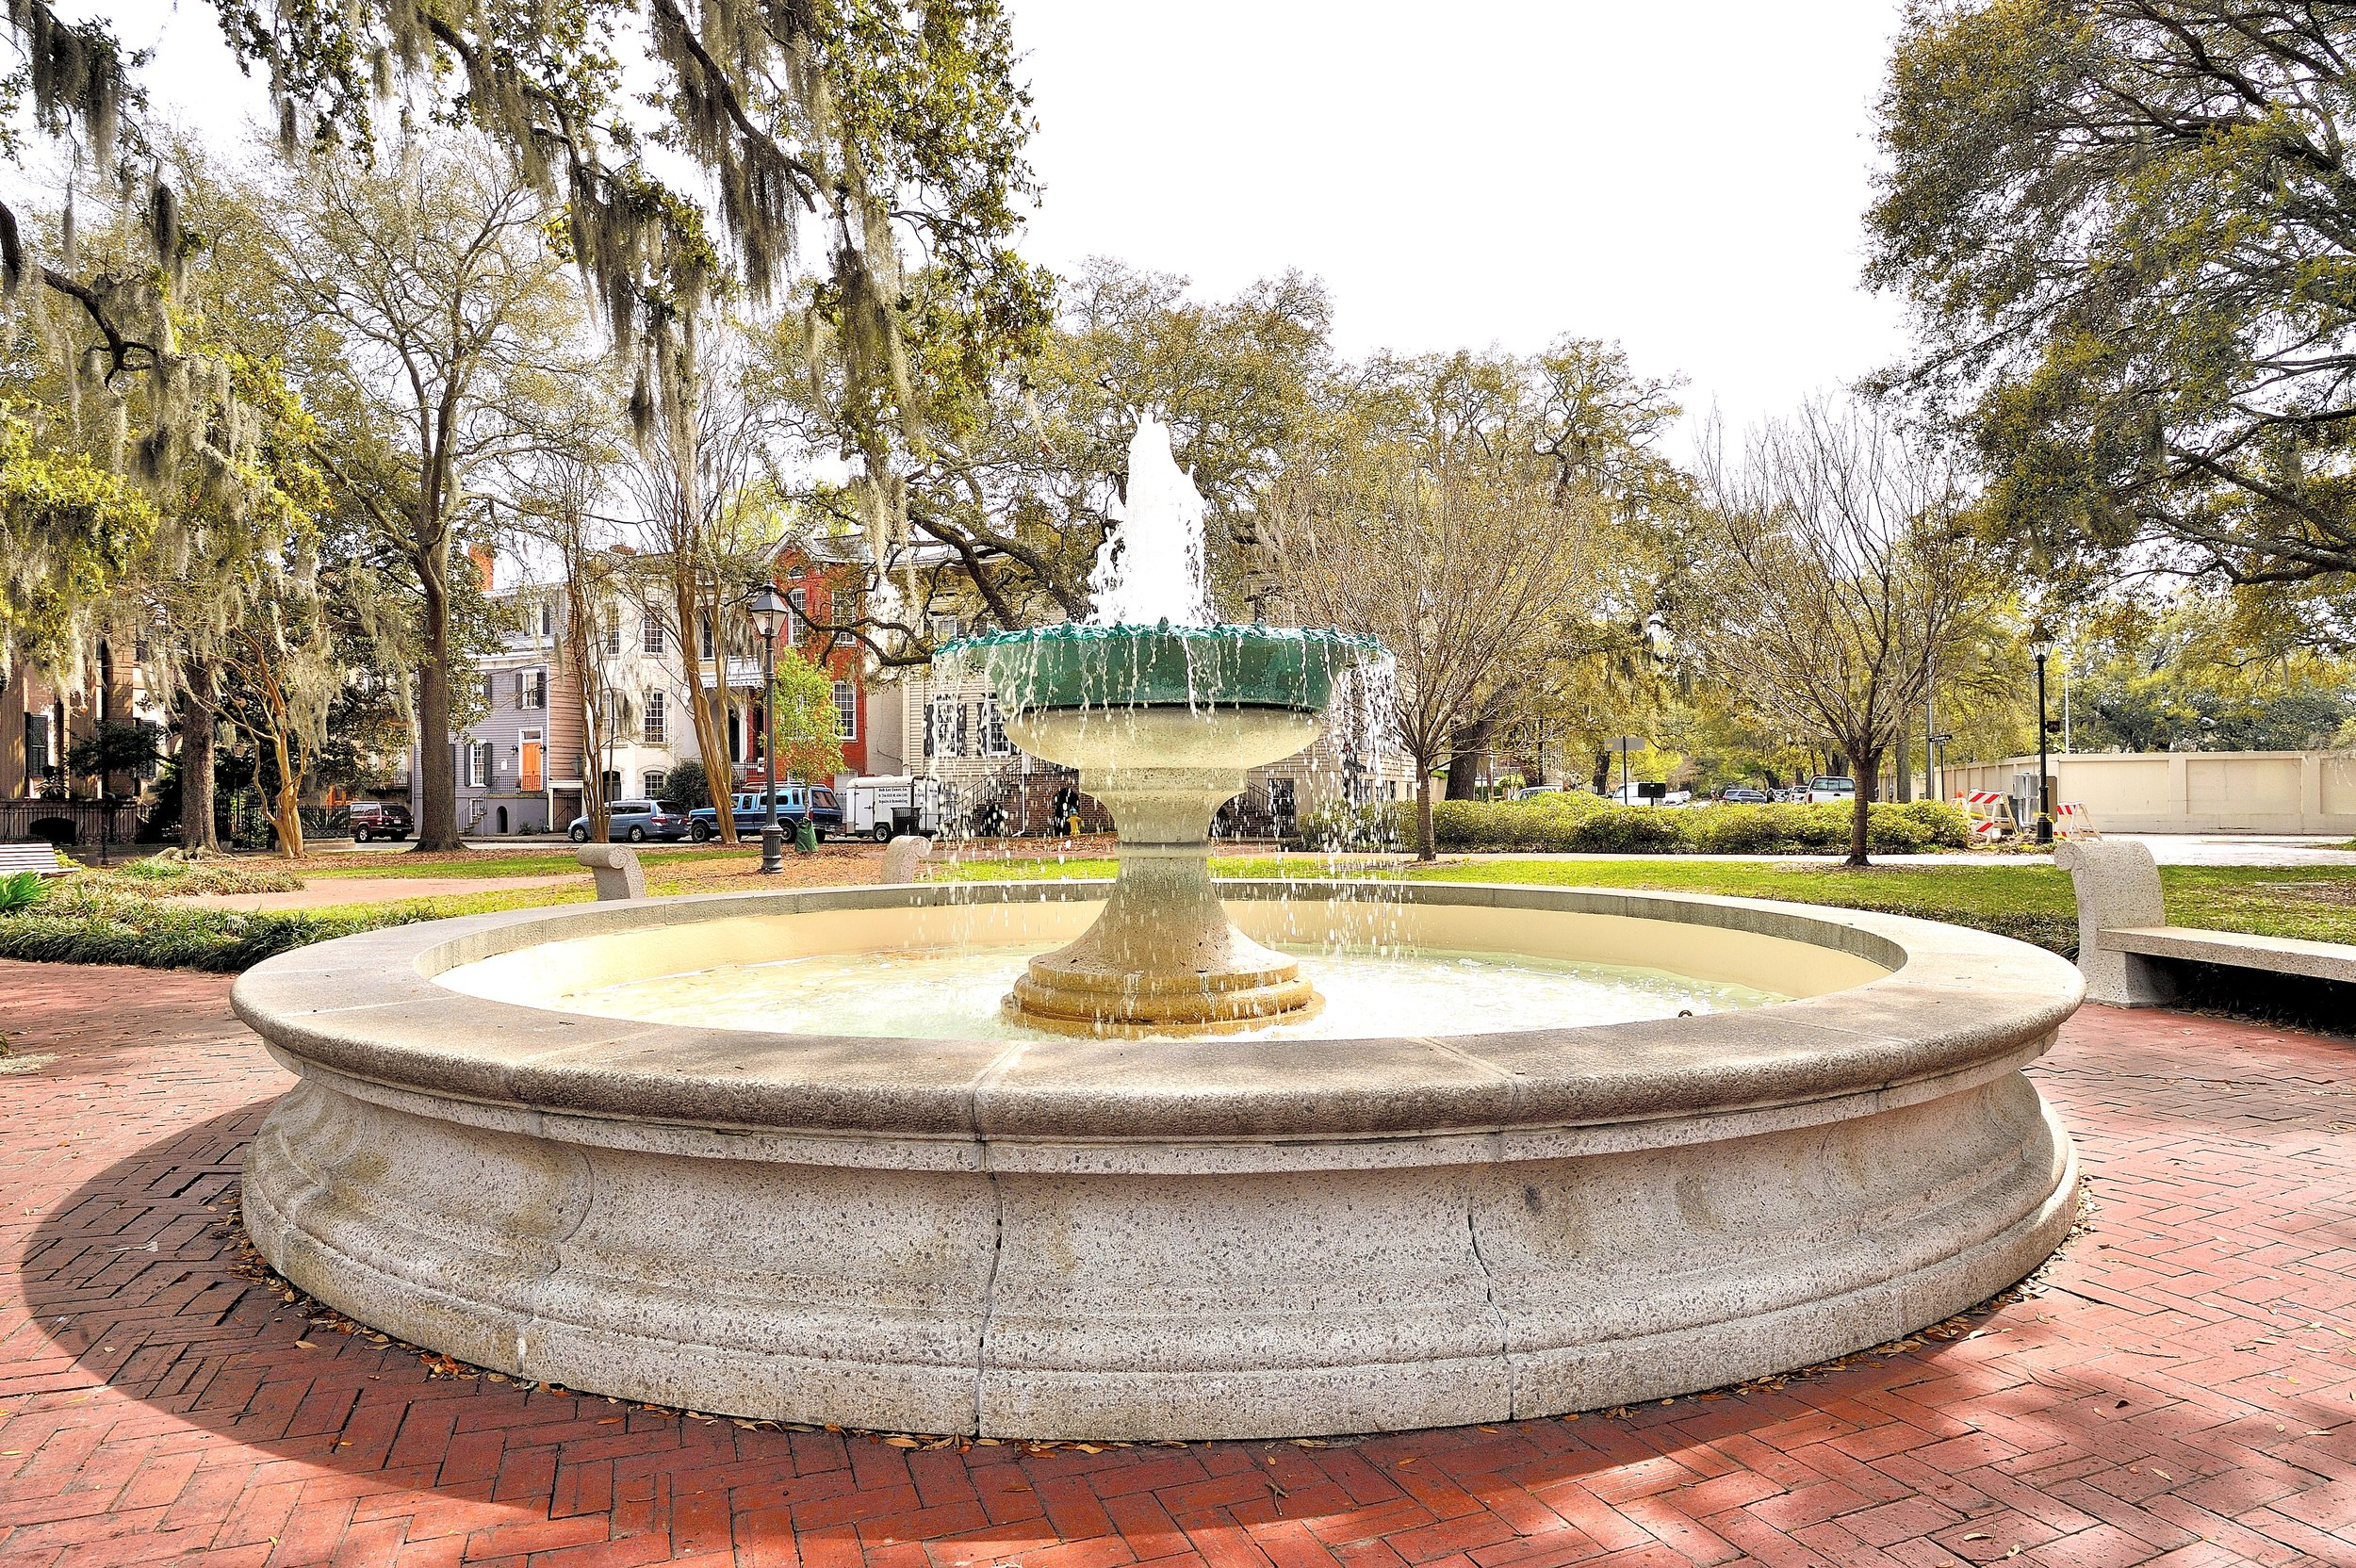 Fountain - Savannah, Georgia